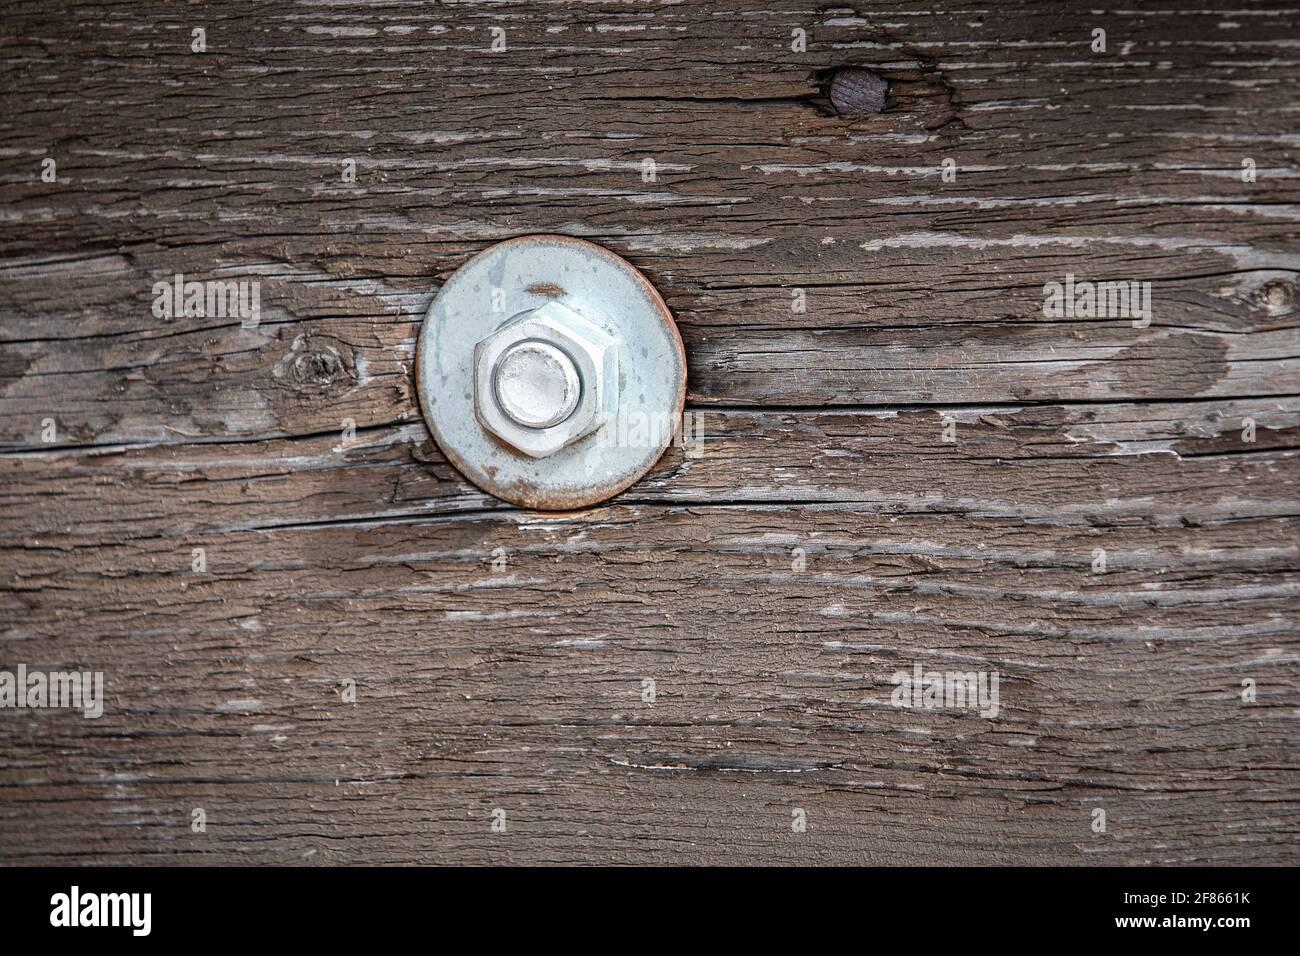 Perno en construcción de madera. Madera vieja pintada. Foto de stock